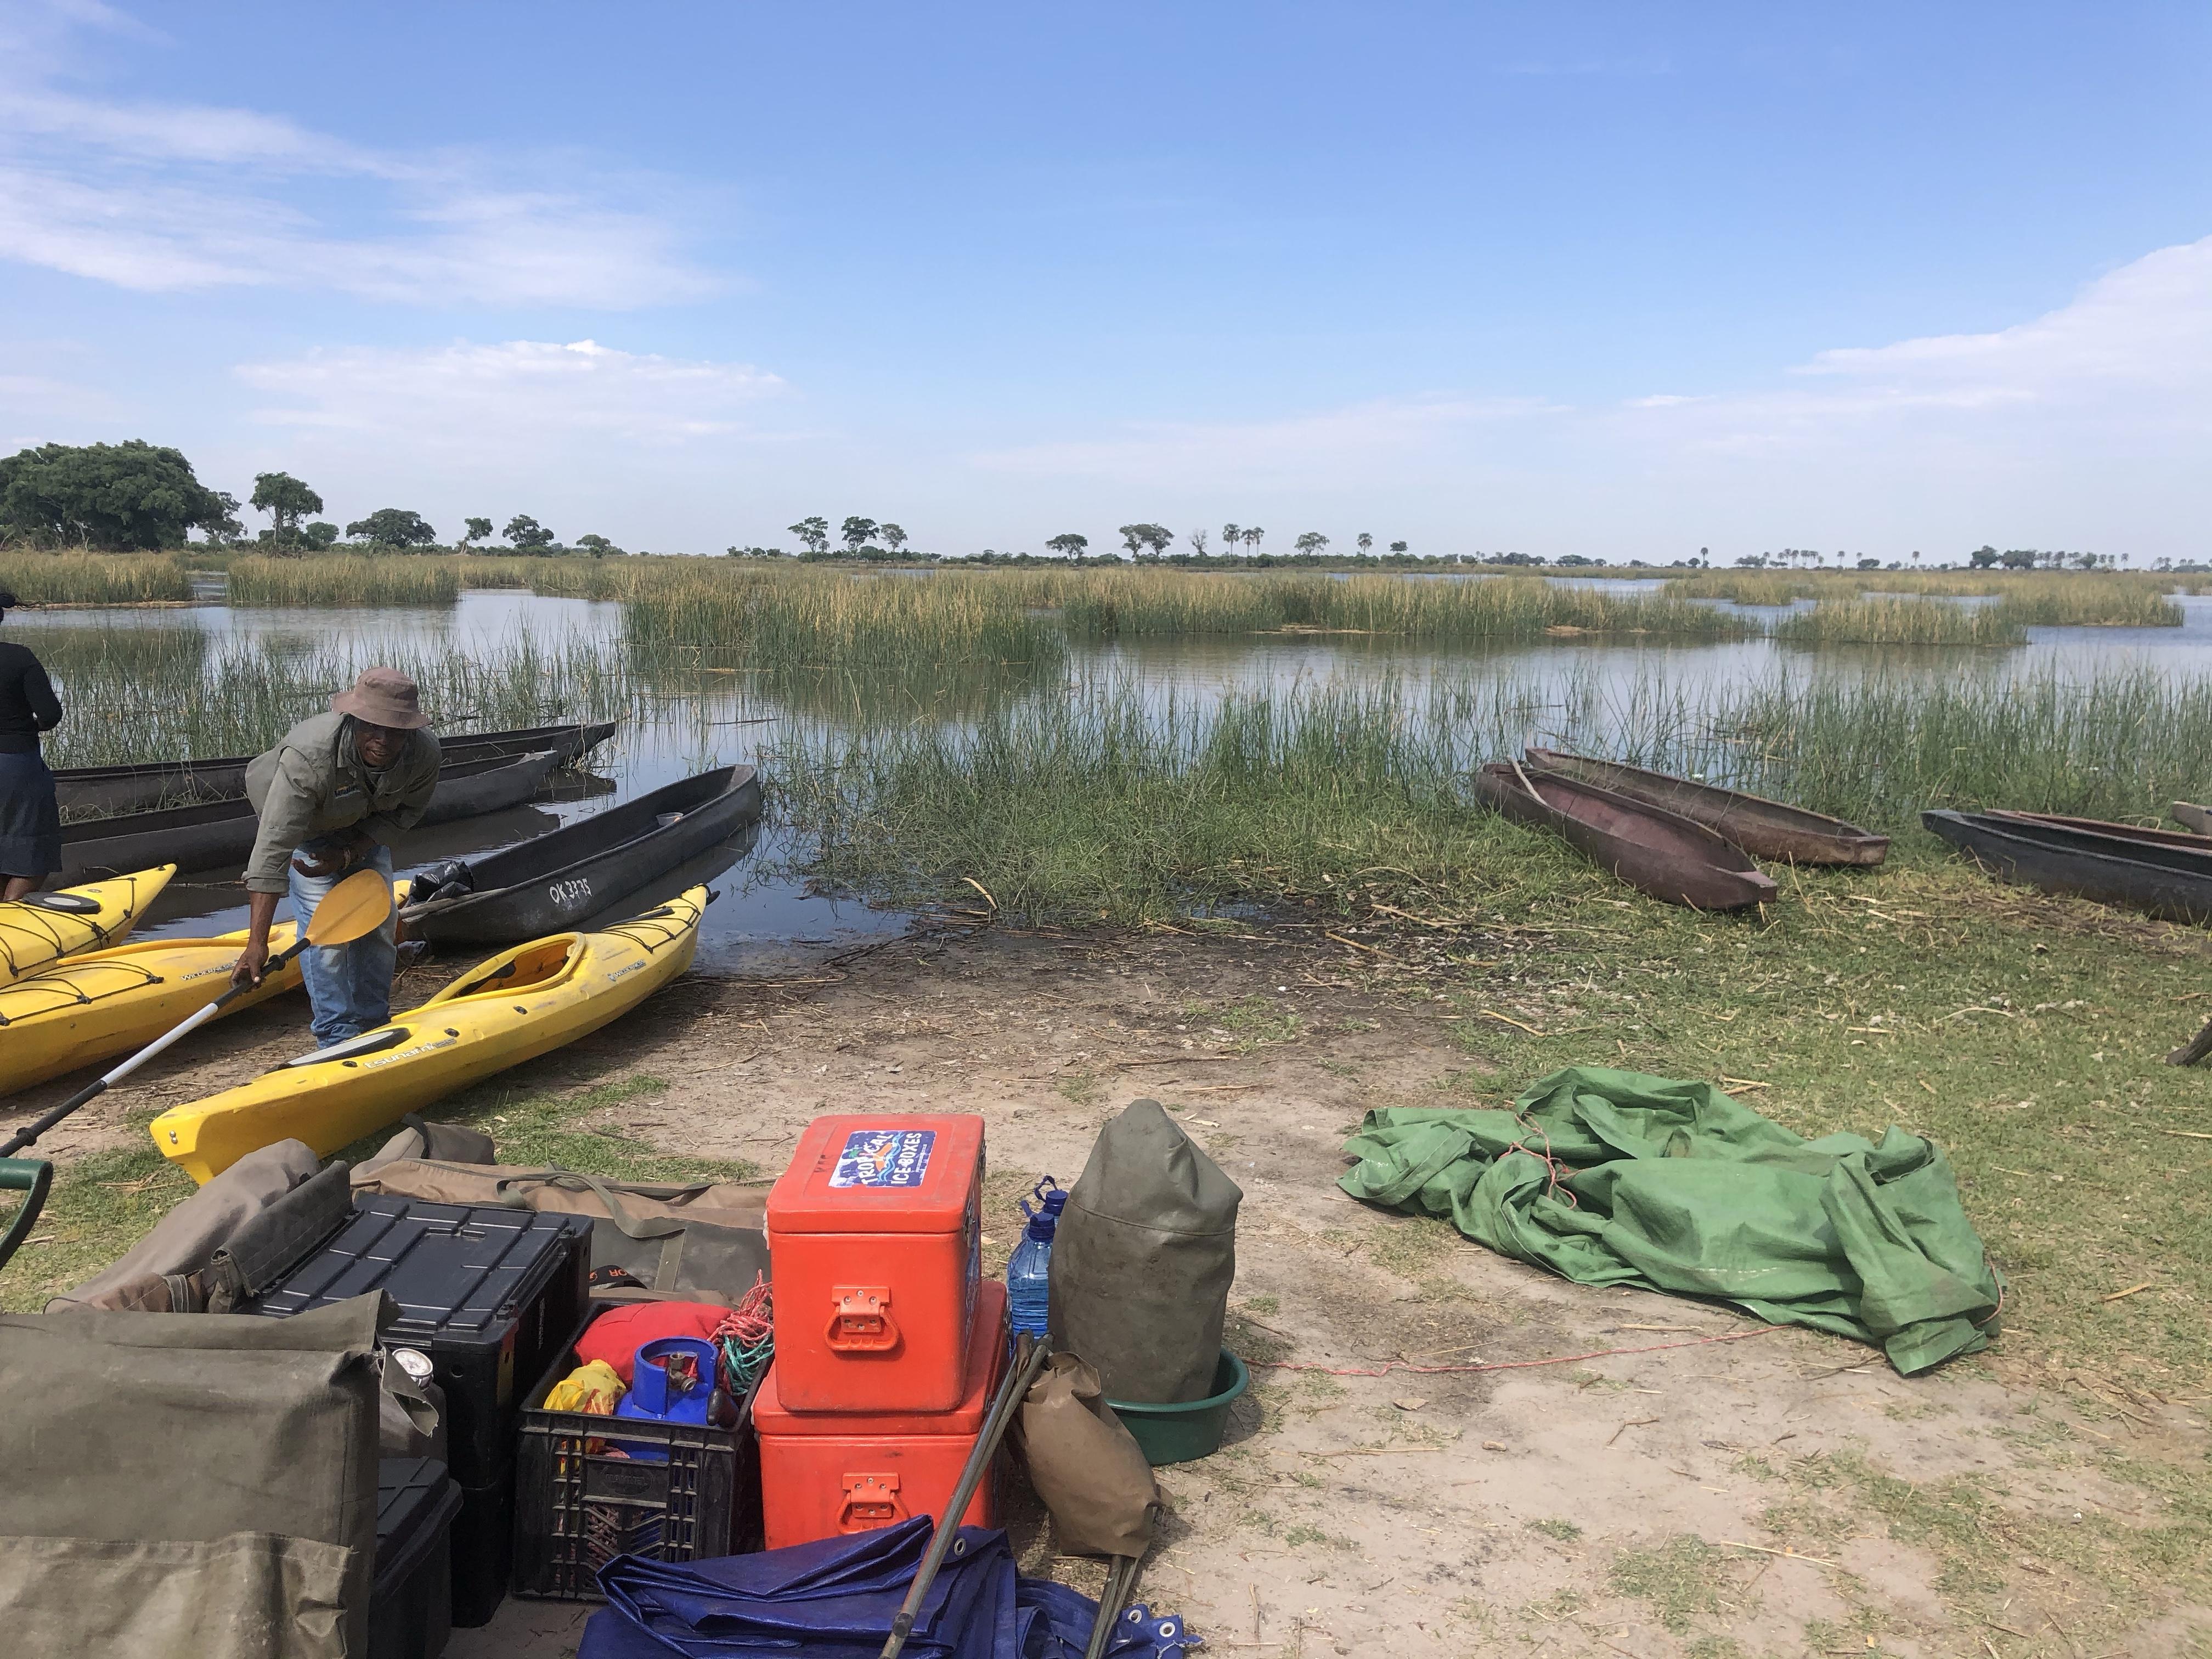 Okavanka delta